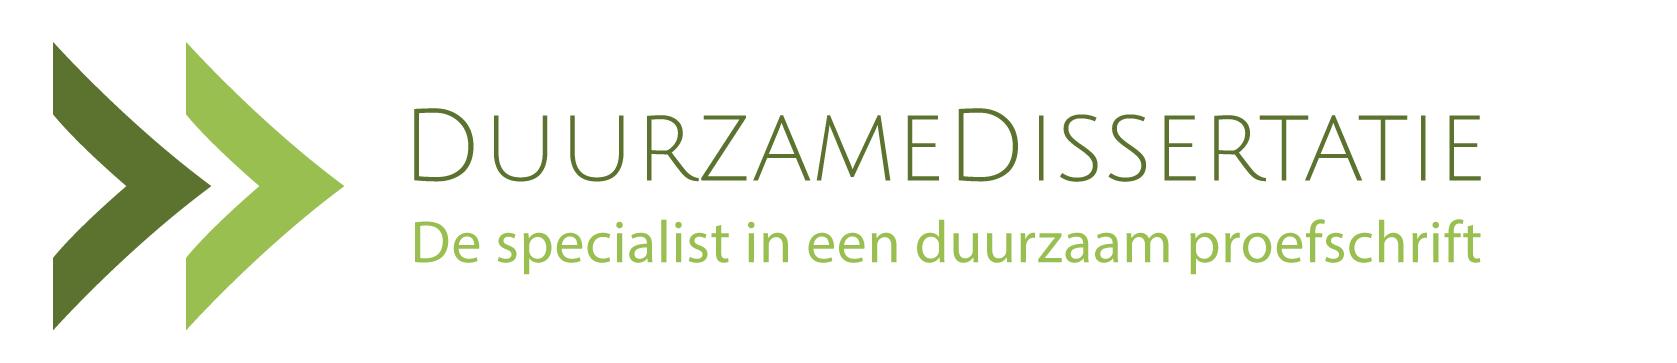 DuurzameDissertatie.nl